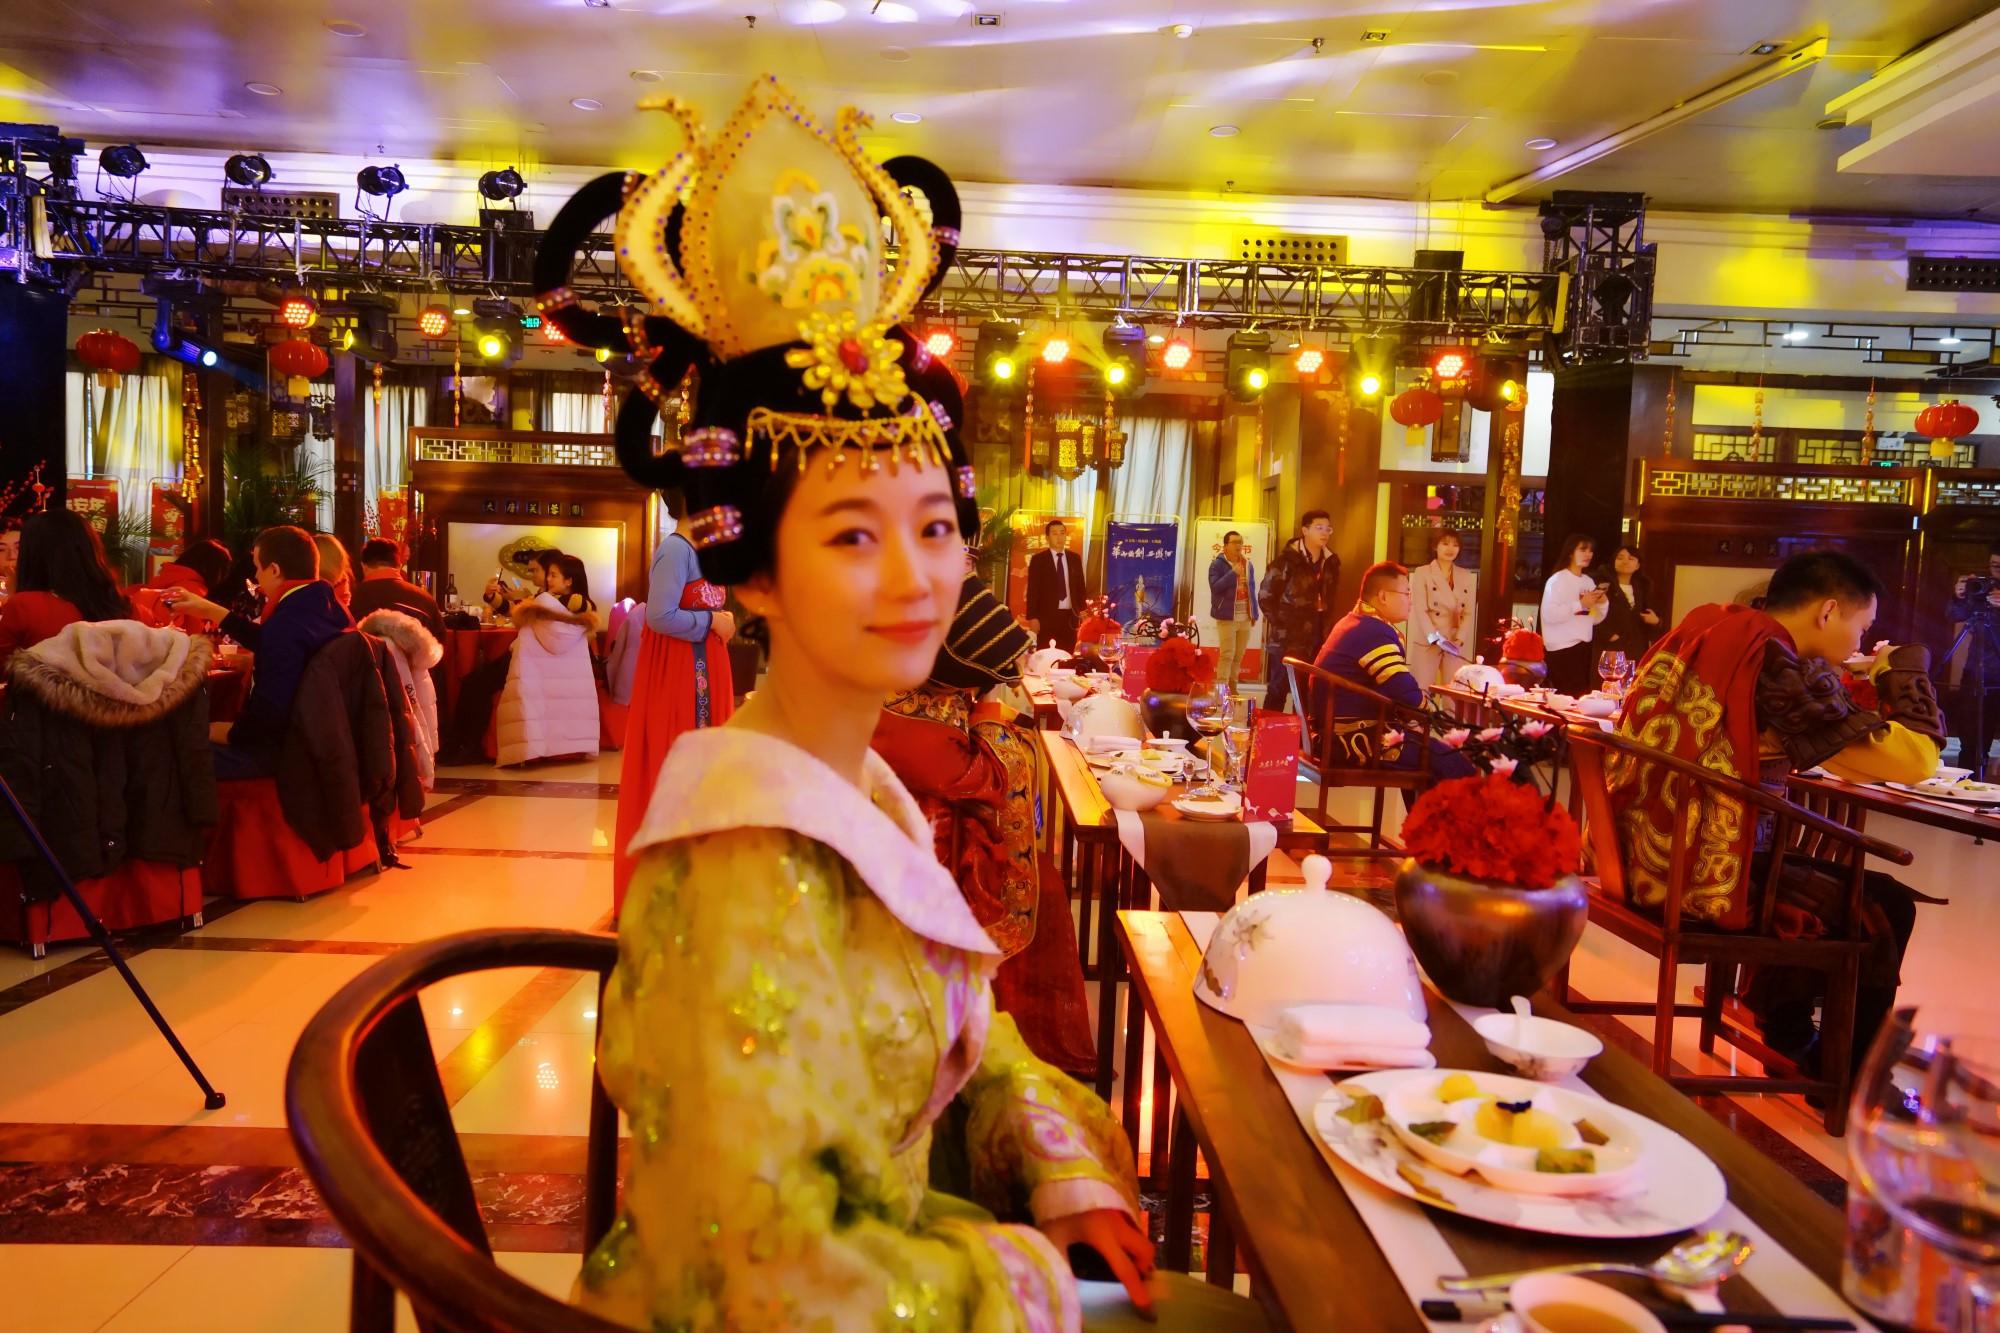 这个年过的与以往大不相同,年夜饭吃出了皇家范